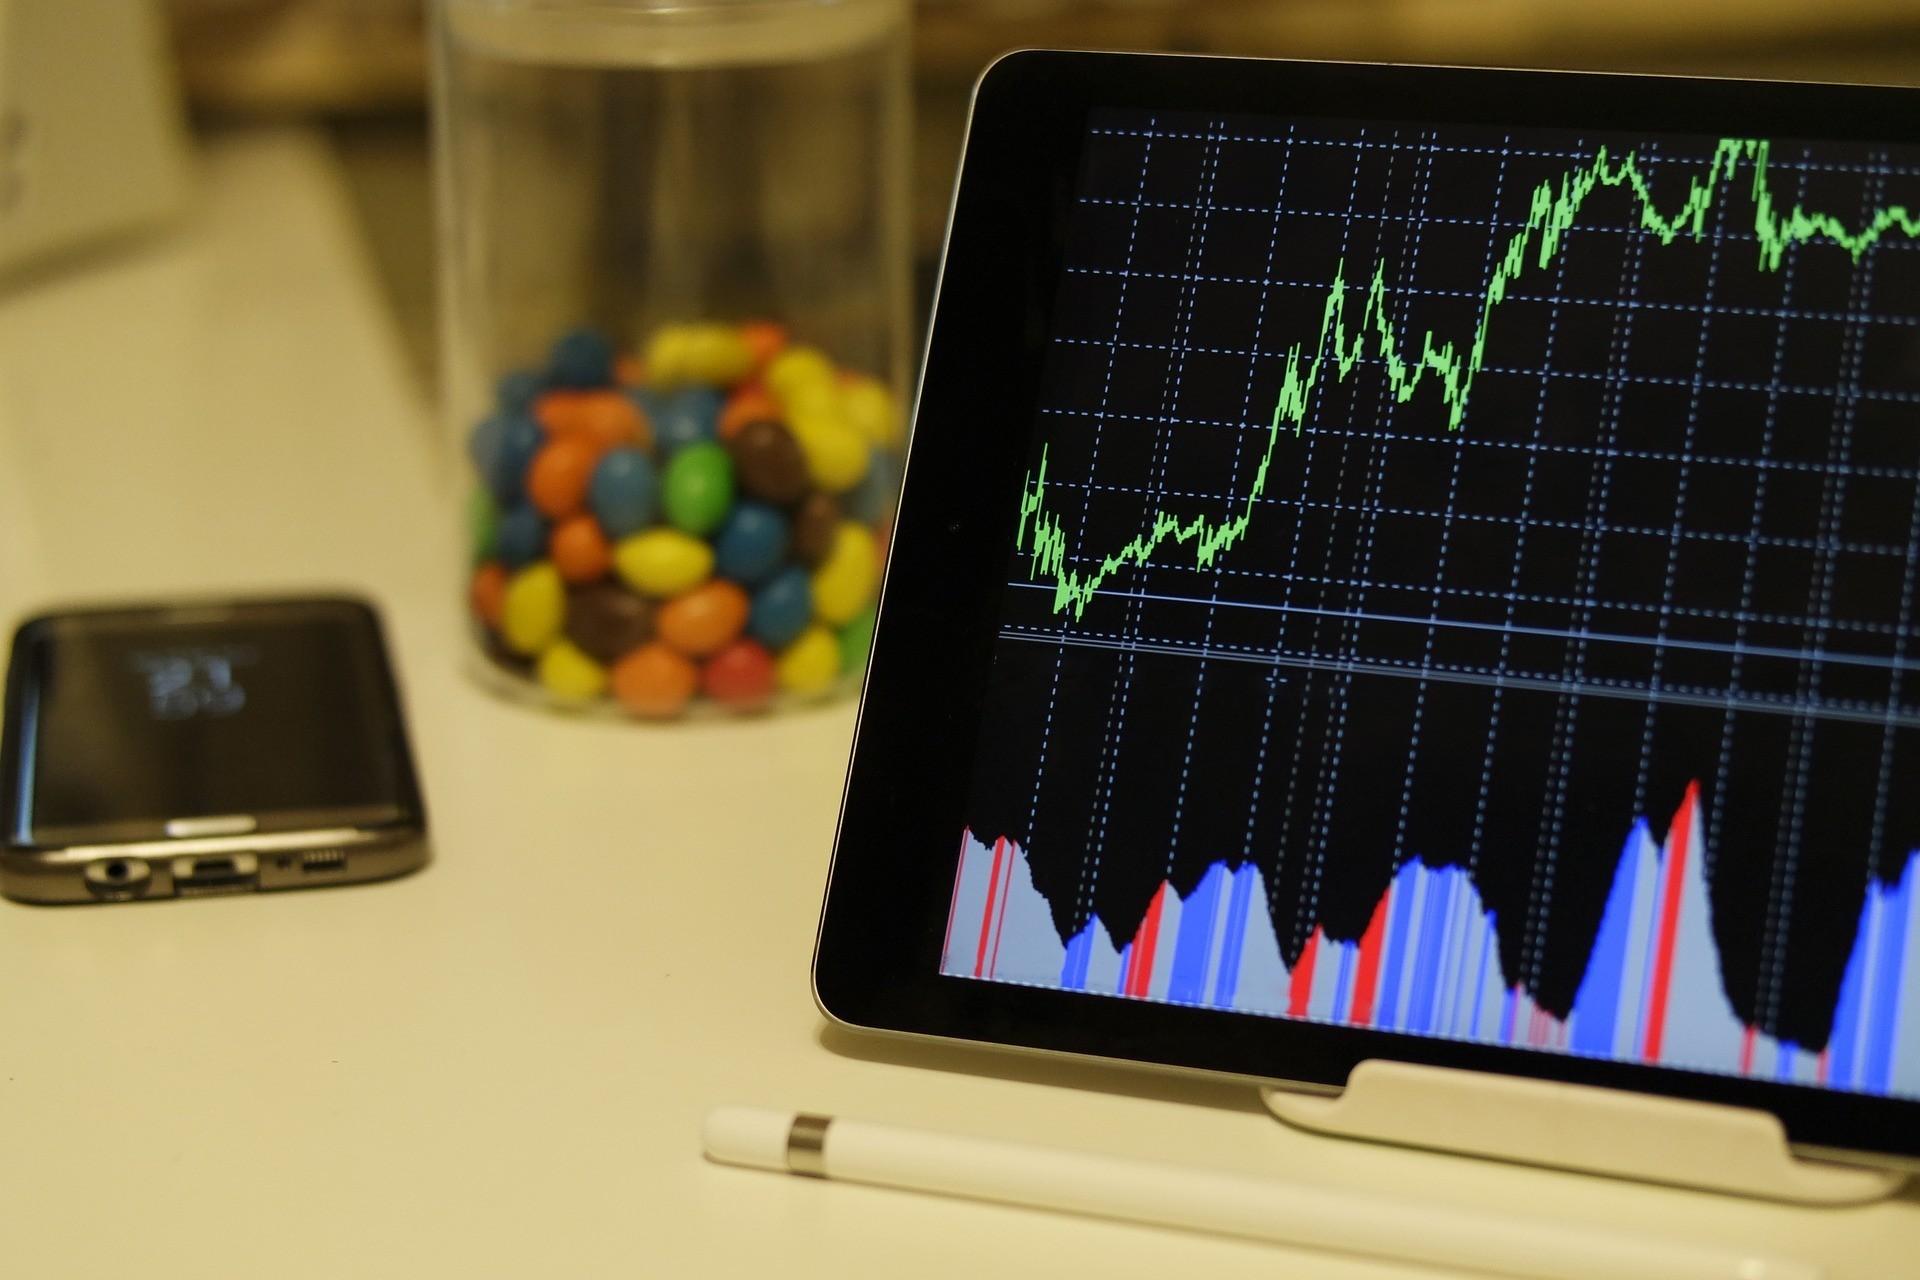 Jak będzie wyglądał rynek telefonów komórkowych za kilka lat?